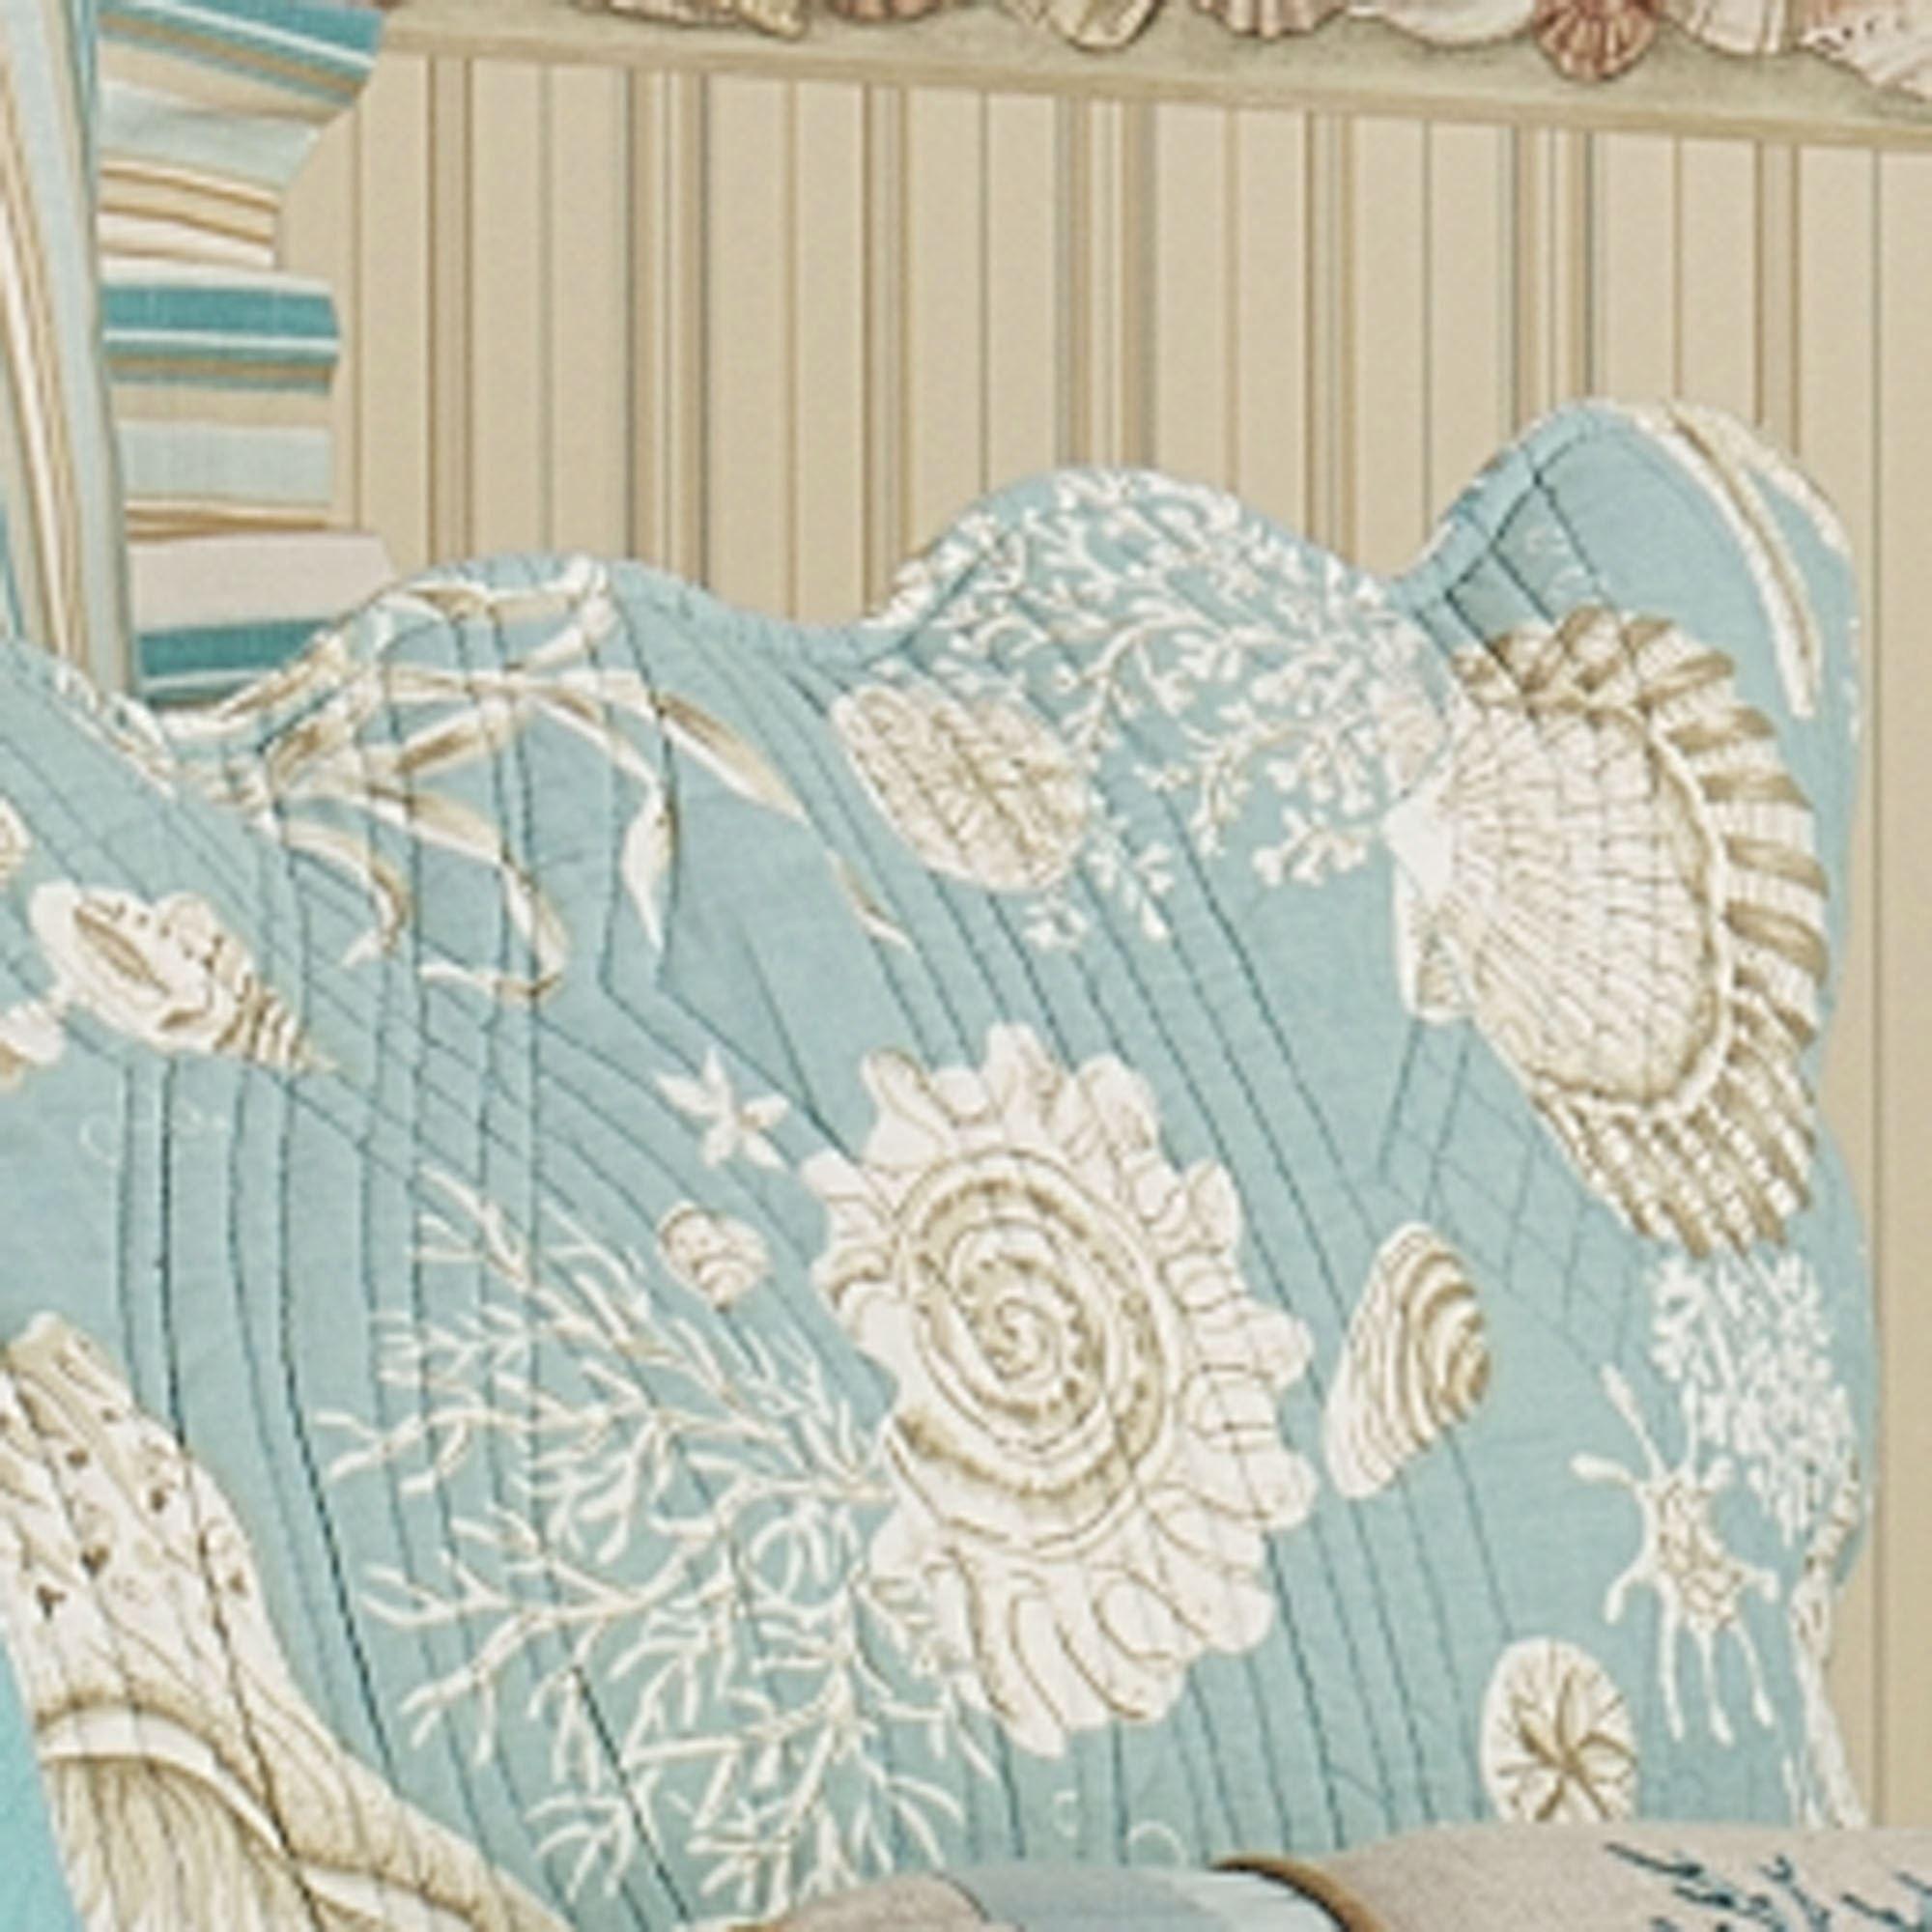 Natural Shells Coastal Quilt Bedding : natural shells quilt - Adamdwight.com